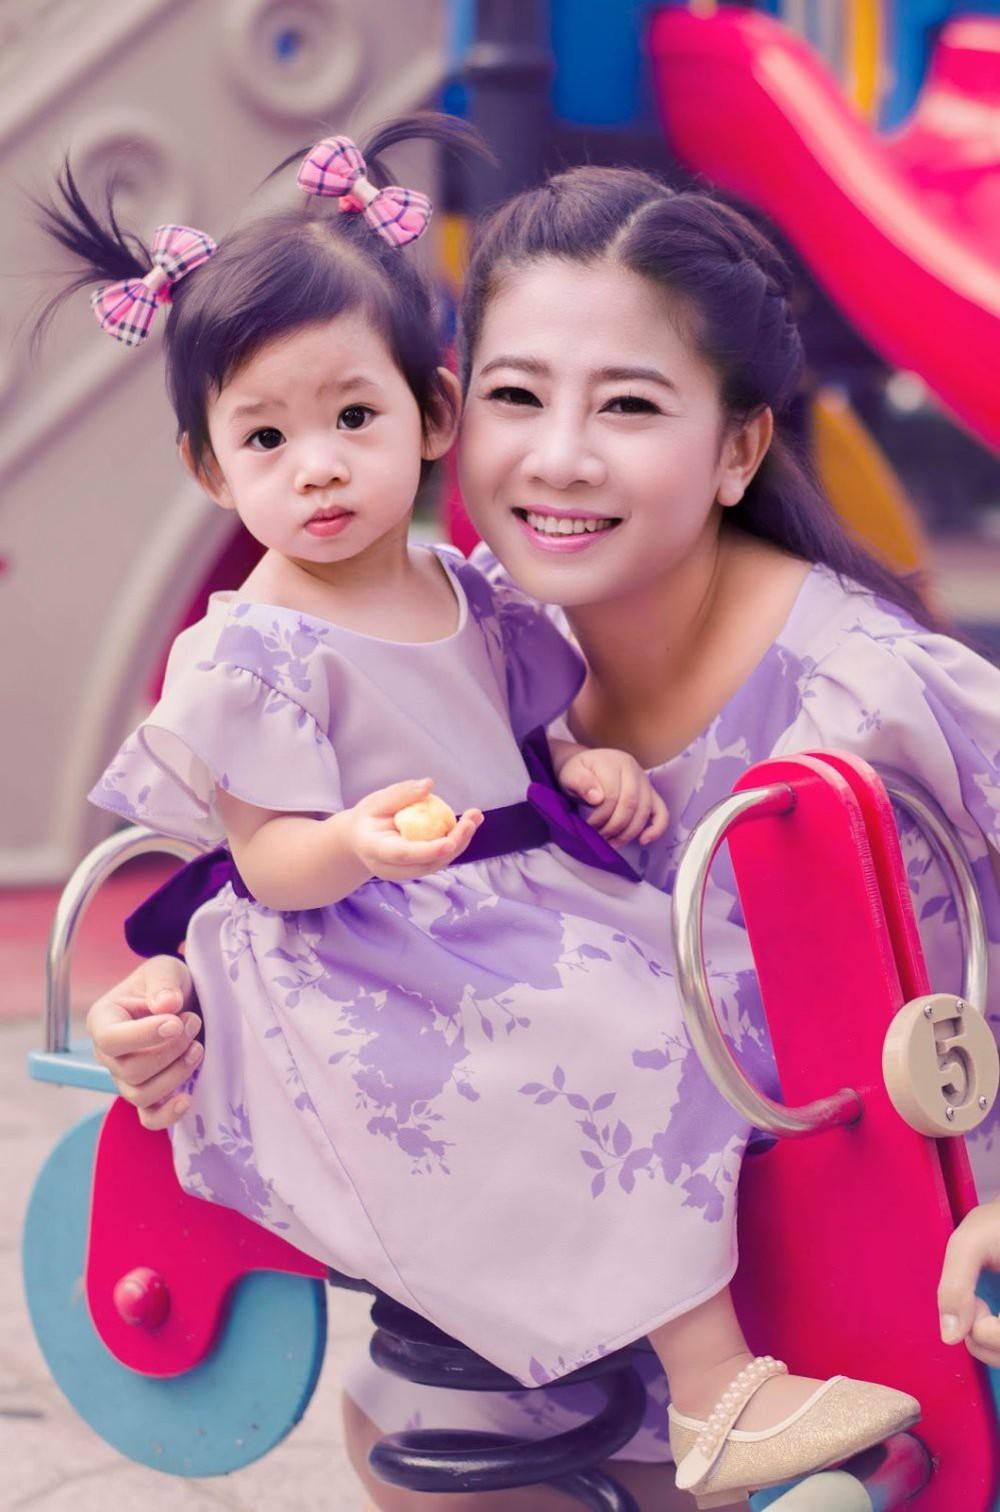 Diễn viên Mai Phương: Mẹ tôi ép tôi tới mức để sẵn một chai thuốc chuột - Ảnh 8.